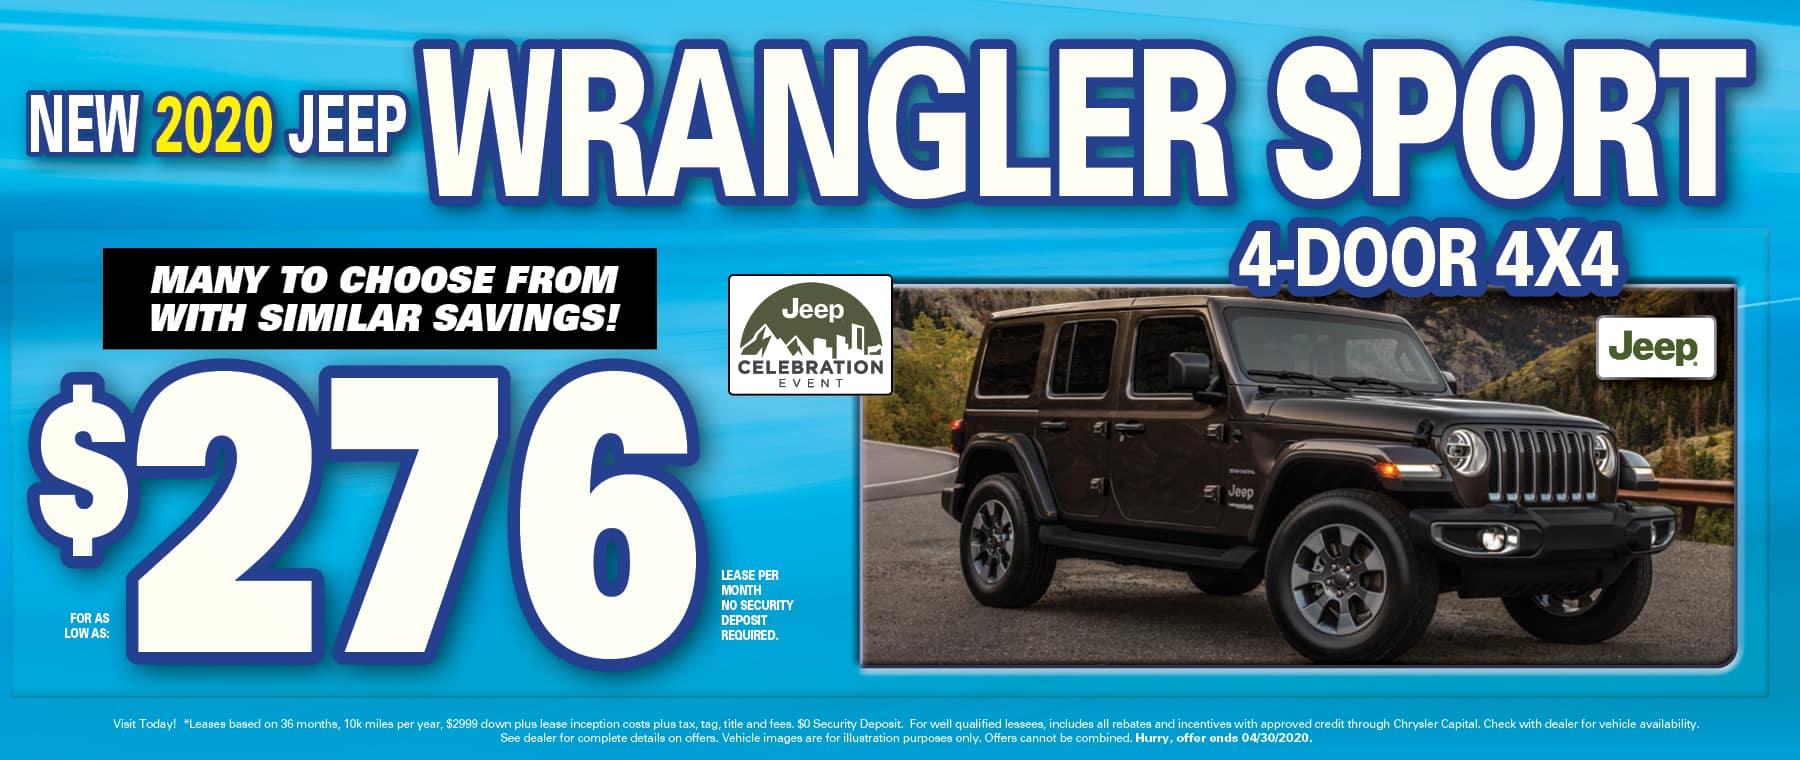 Wrangler $276 Lease